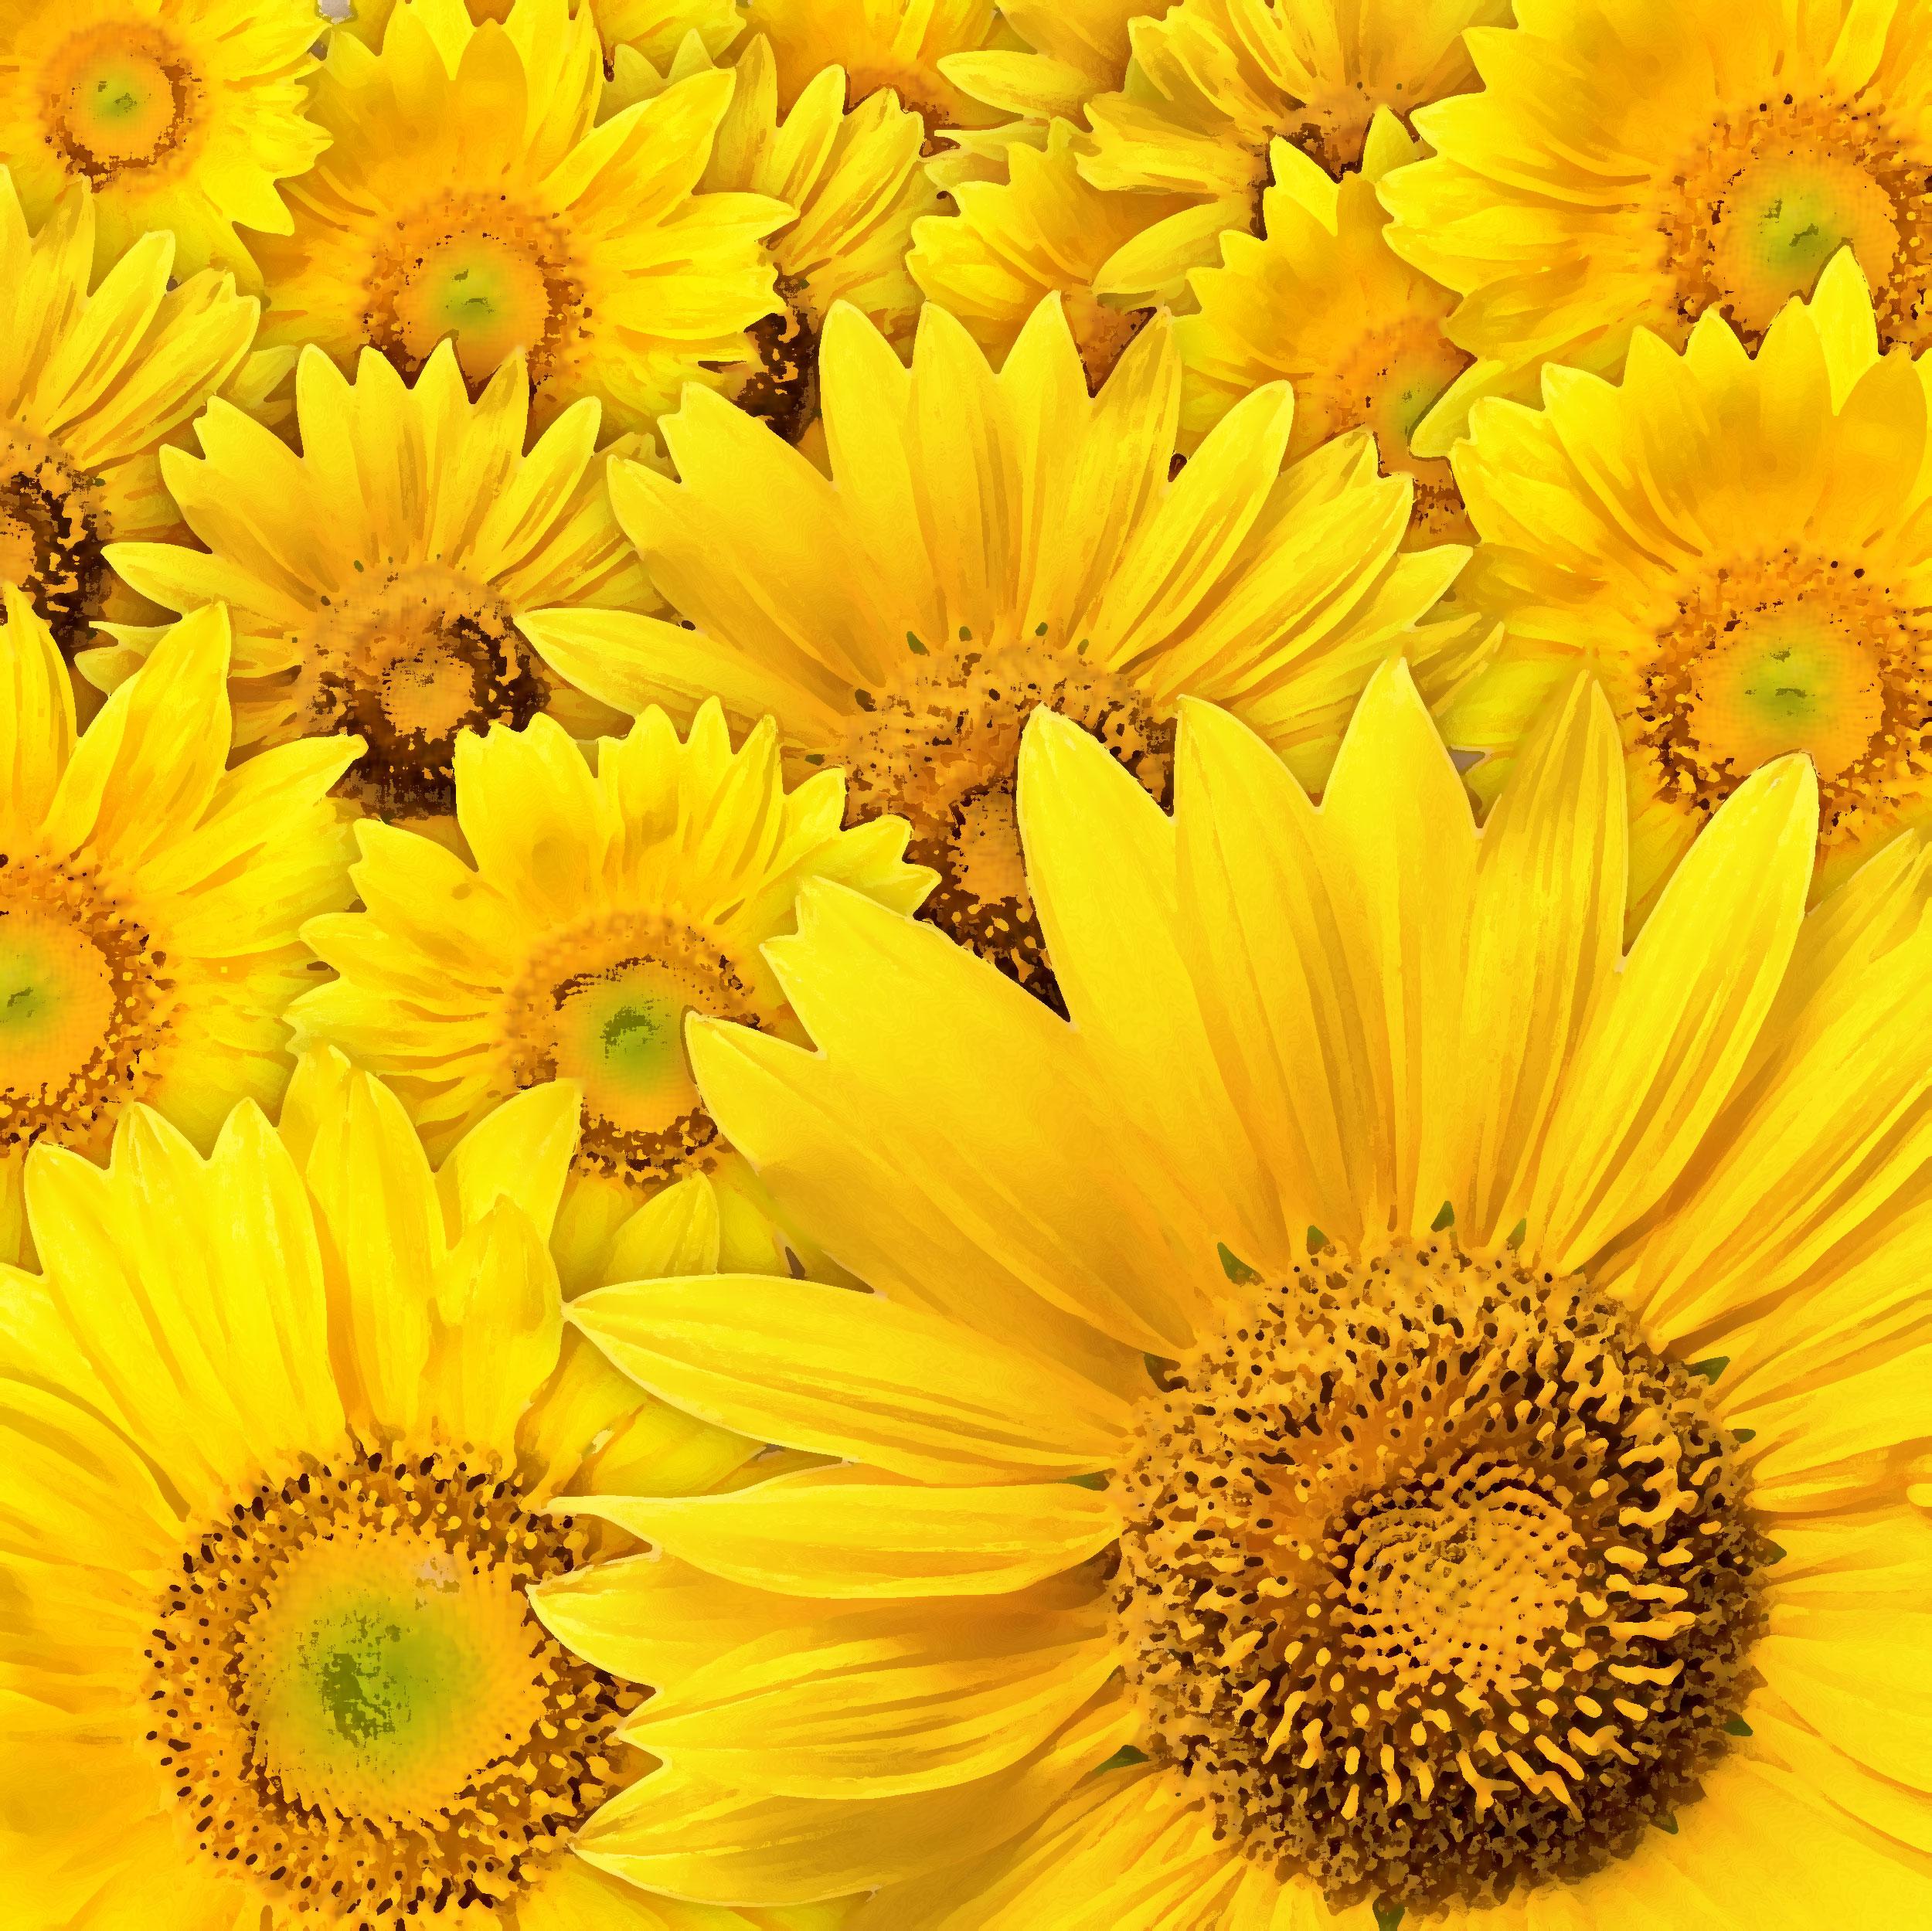 https://flowerillust.com/img/flower/flower-back0579.jpg